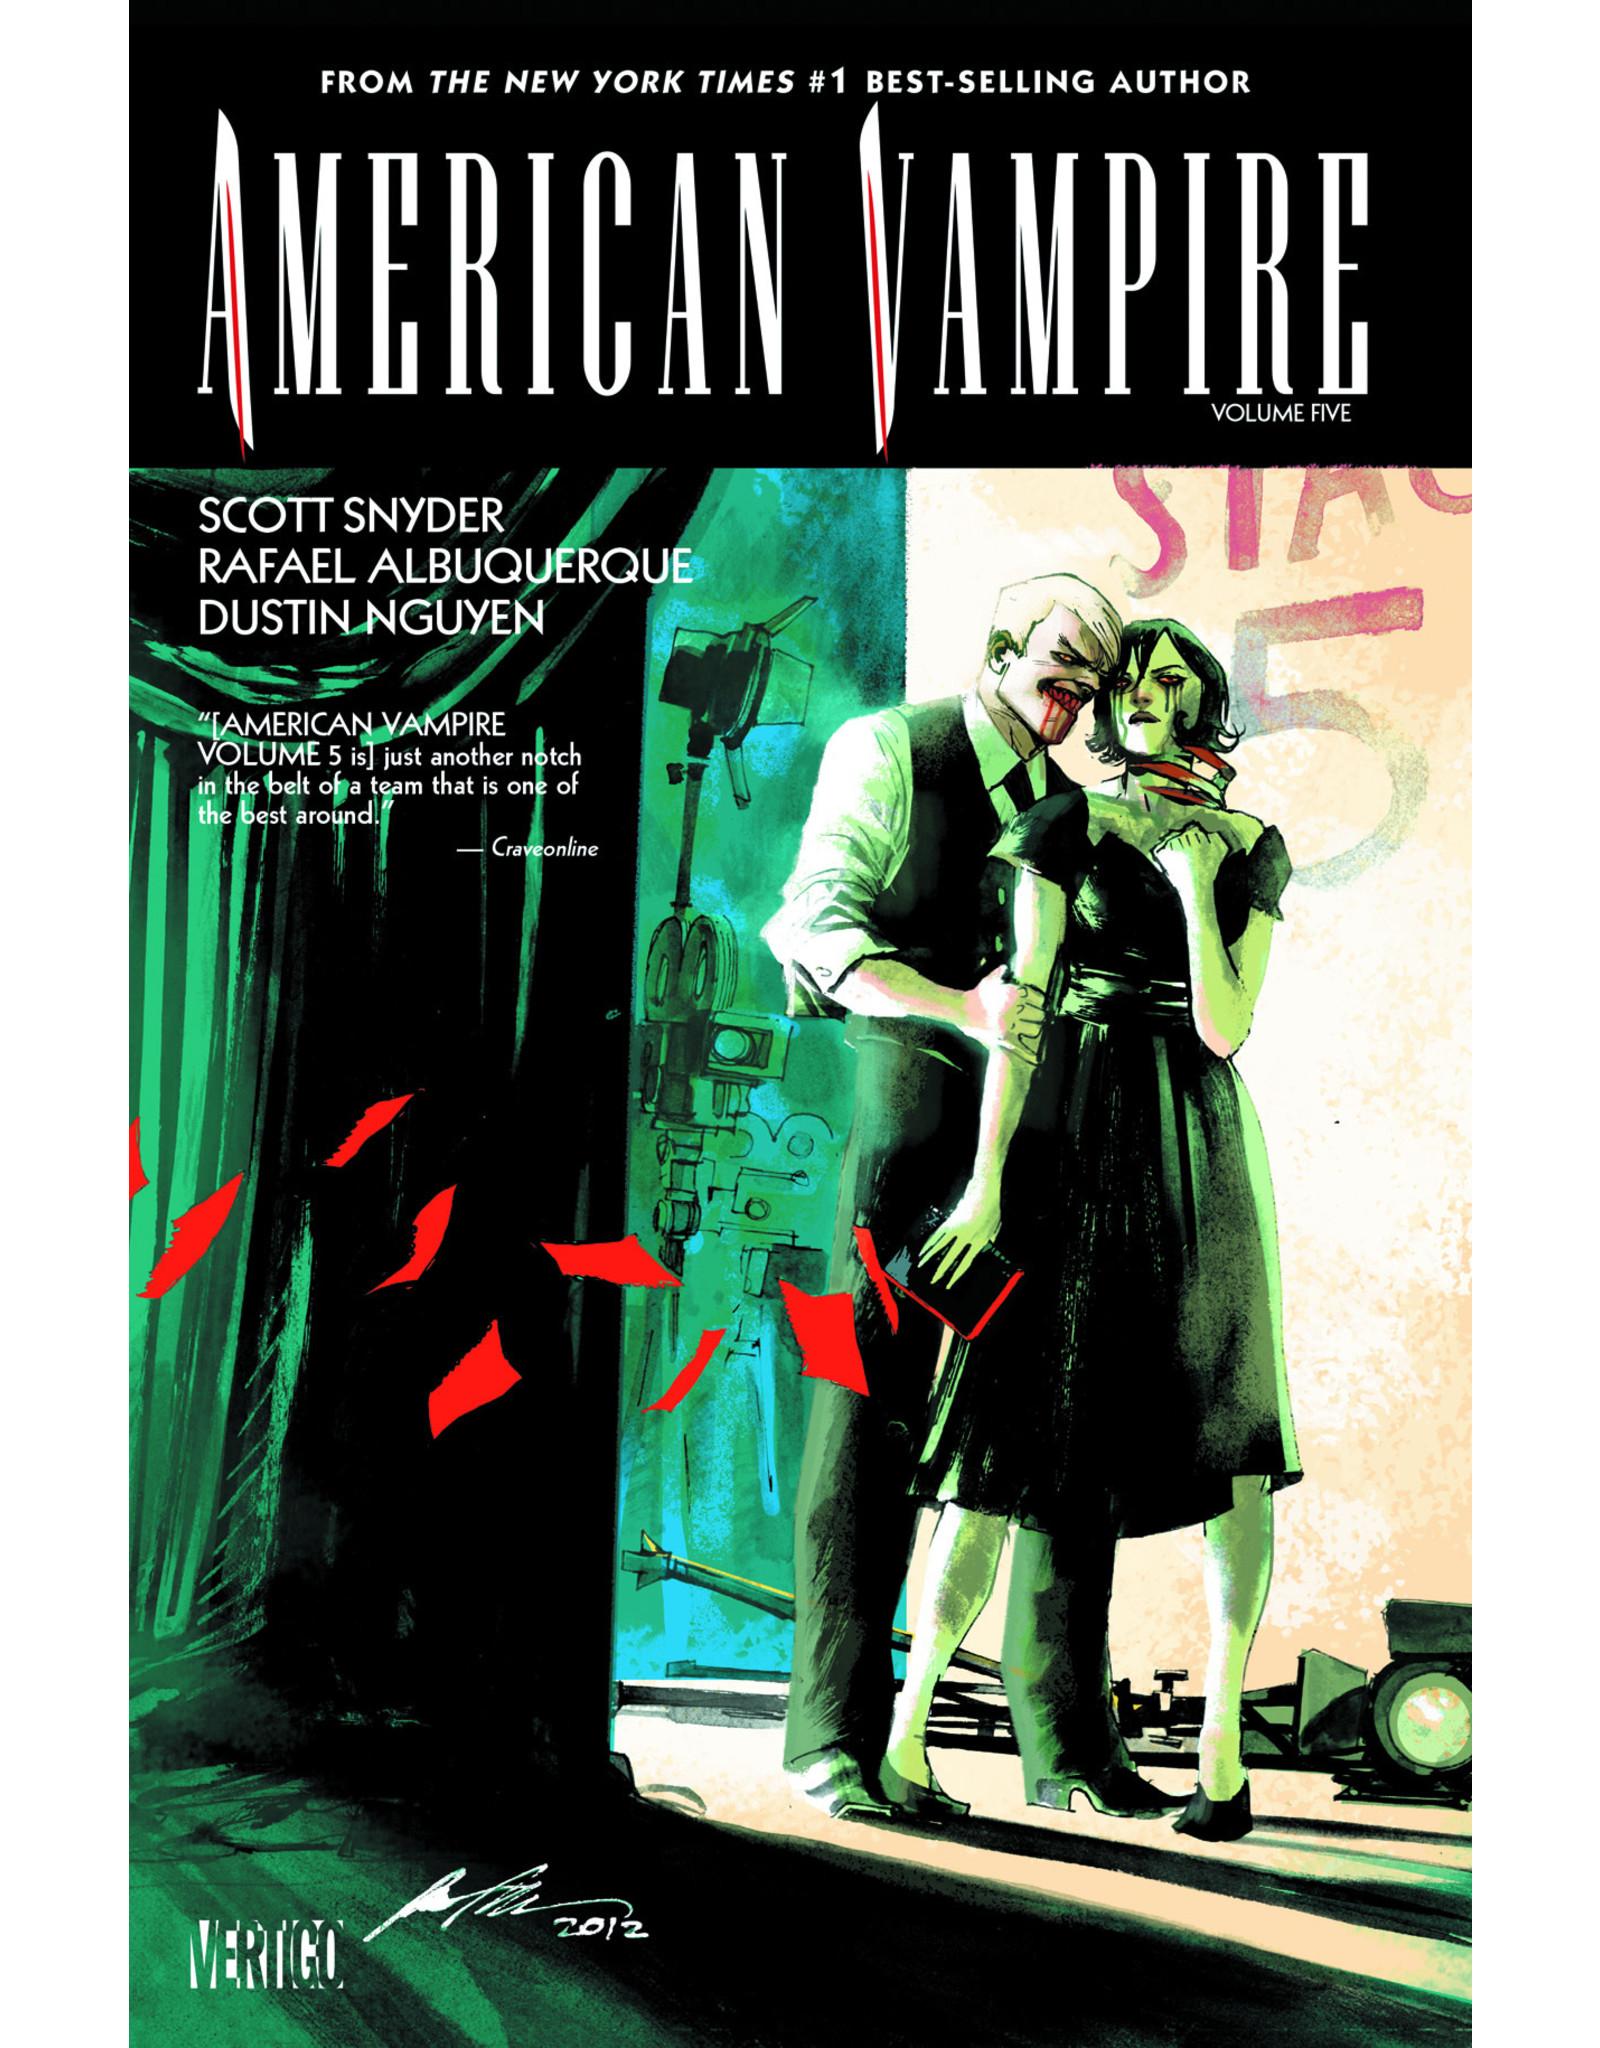 DC COMICS AMERICAN VAMPIRE TP VOL 05